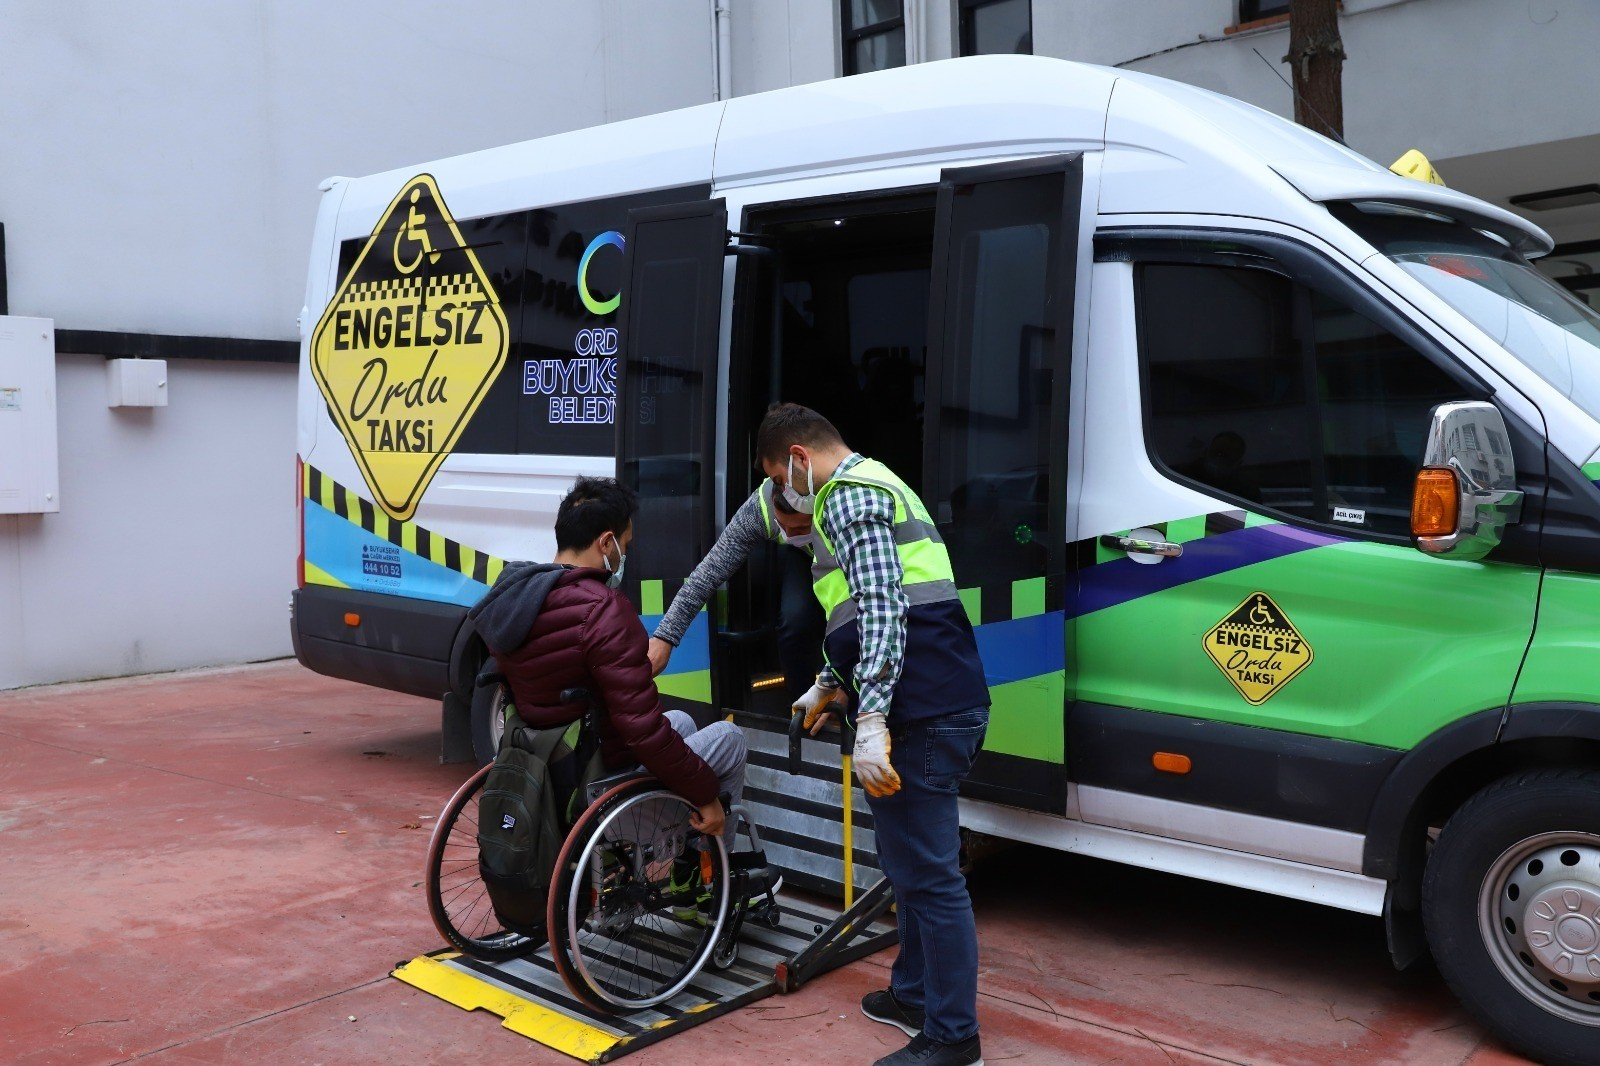 Ordu'da engelli bireyler için 'Engelsiz Taksi'